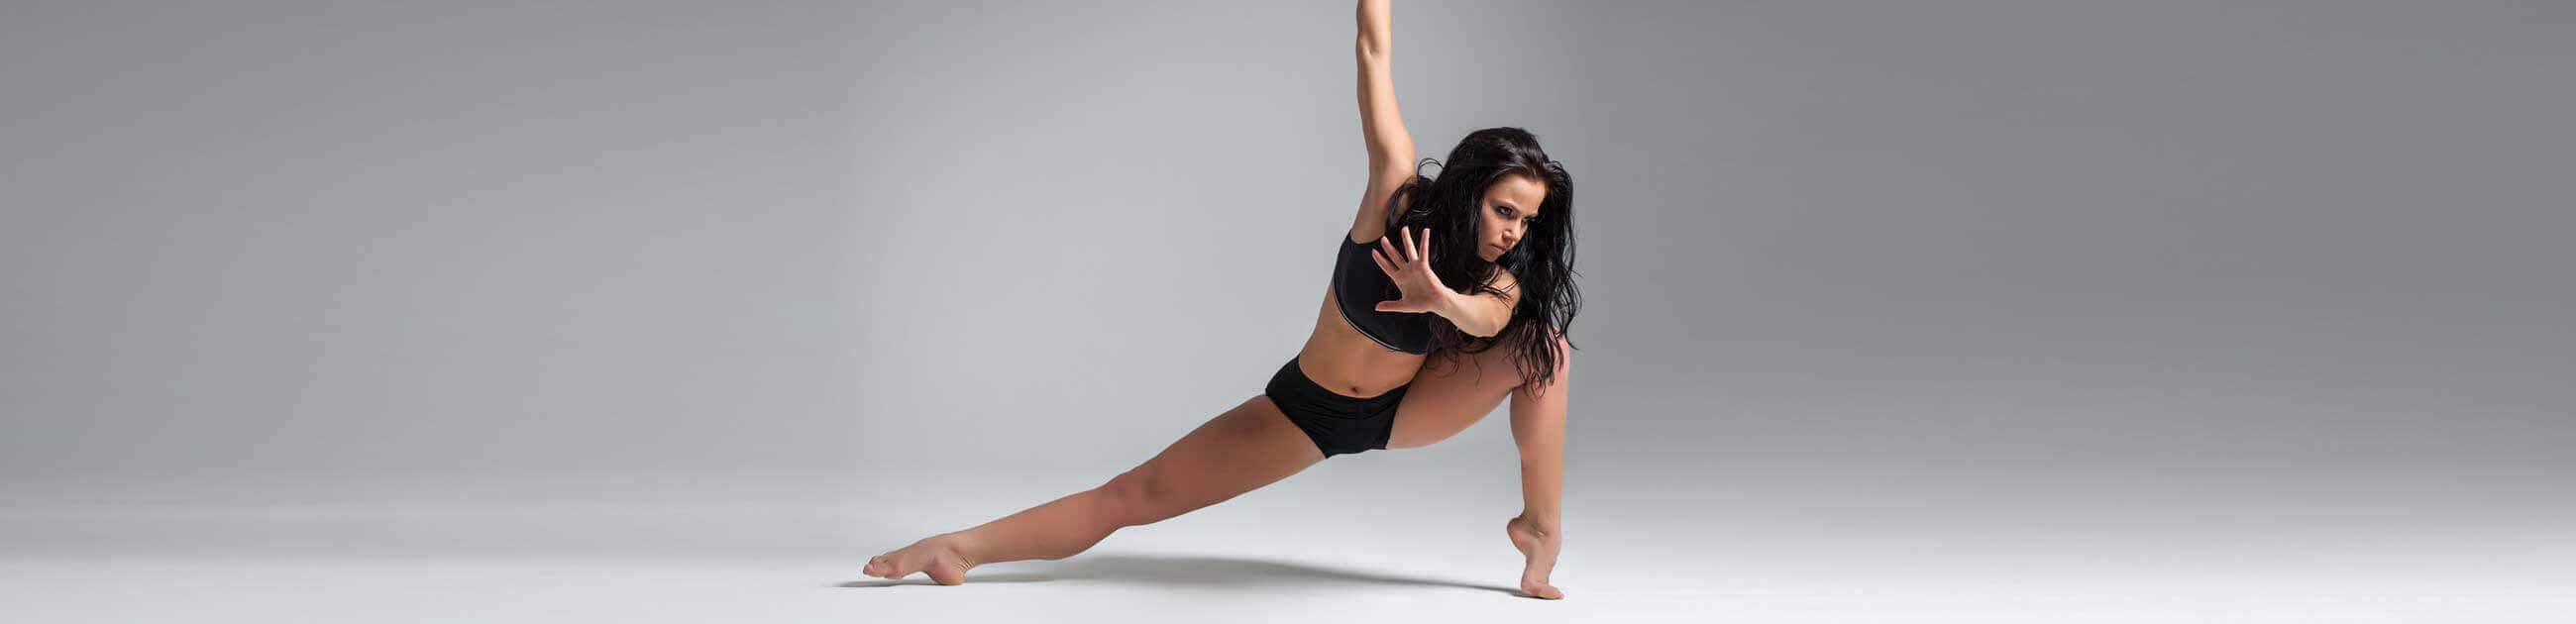 Tanzen lernen in Kiel - Tanzschule K-System